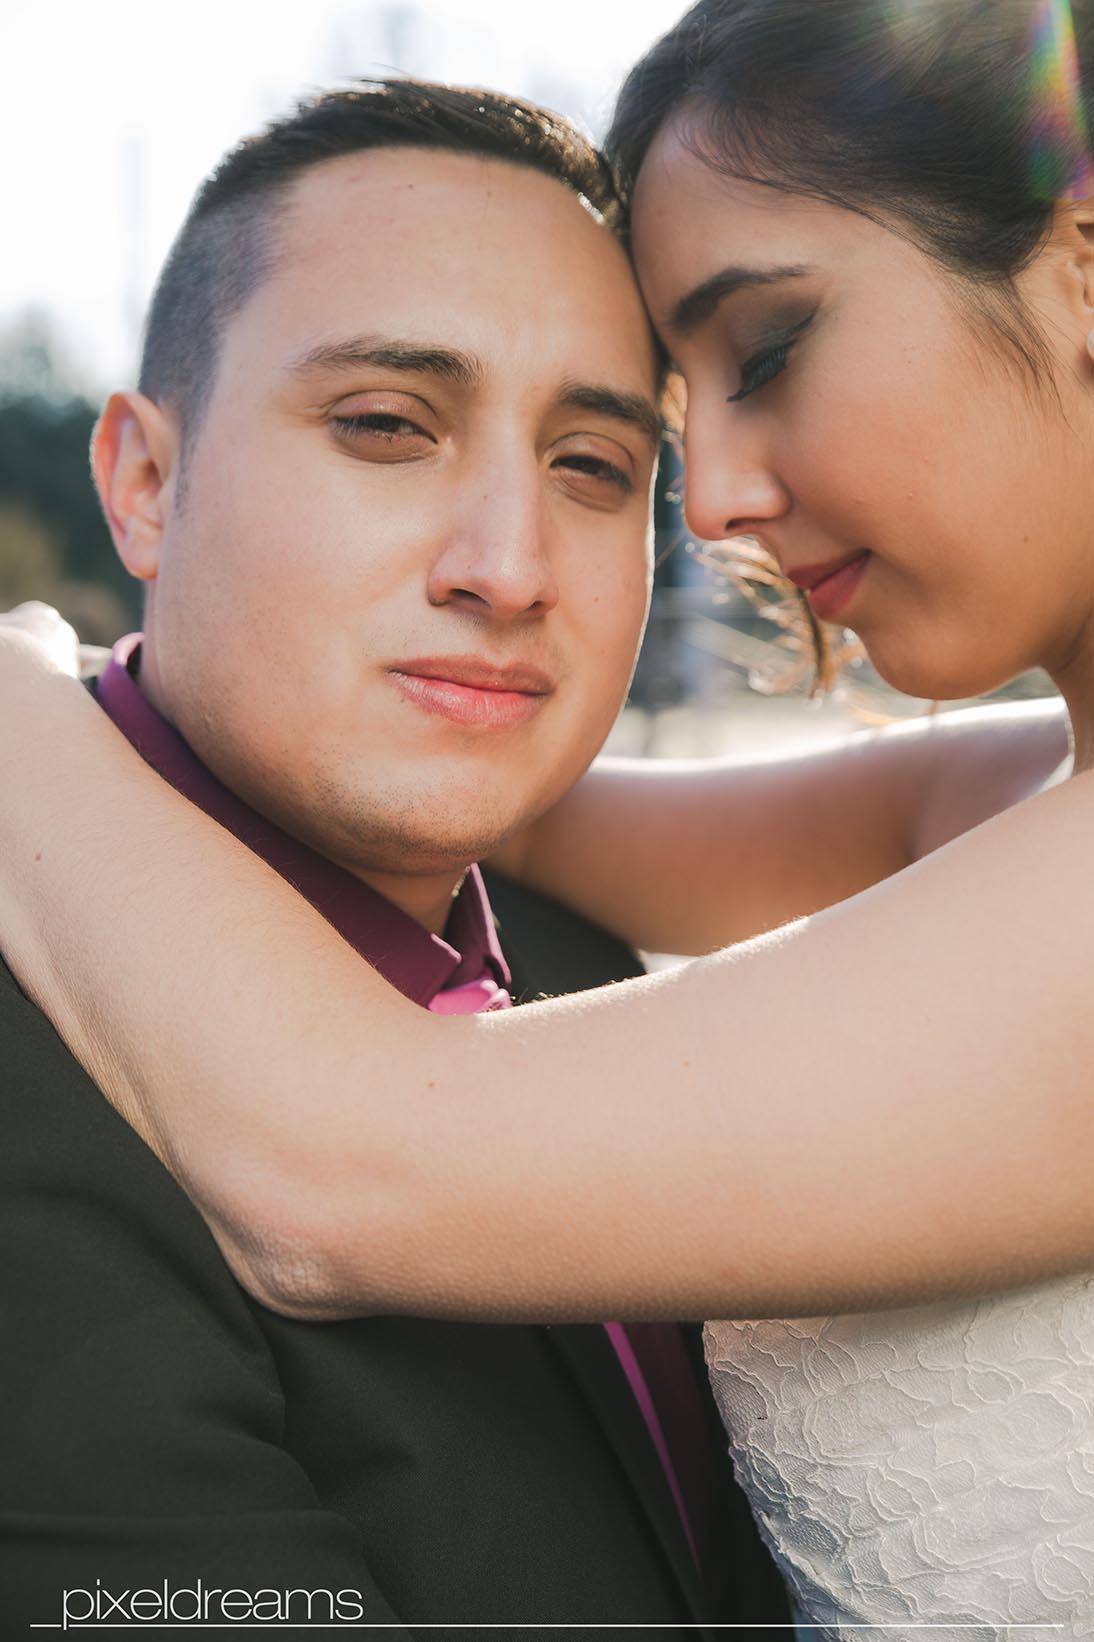 Bräutigam im Fokus - eine moderne pose im romantischem Look - so müssen hochzeitsfotos aussehen